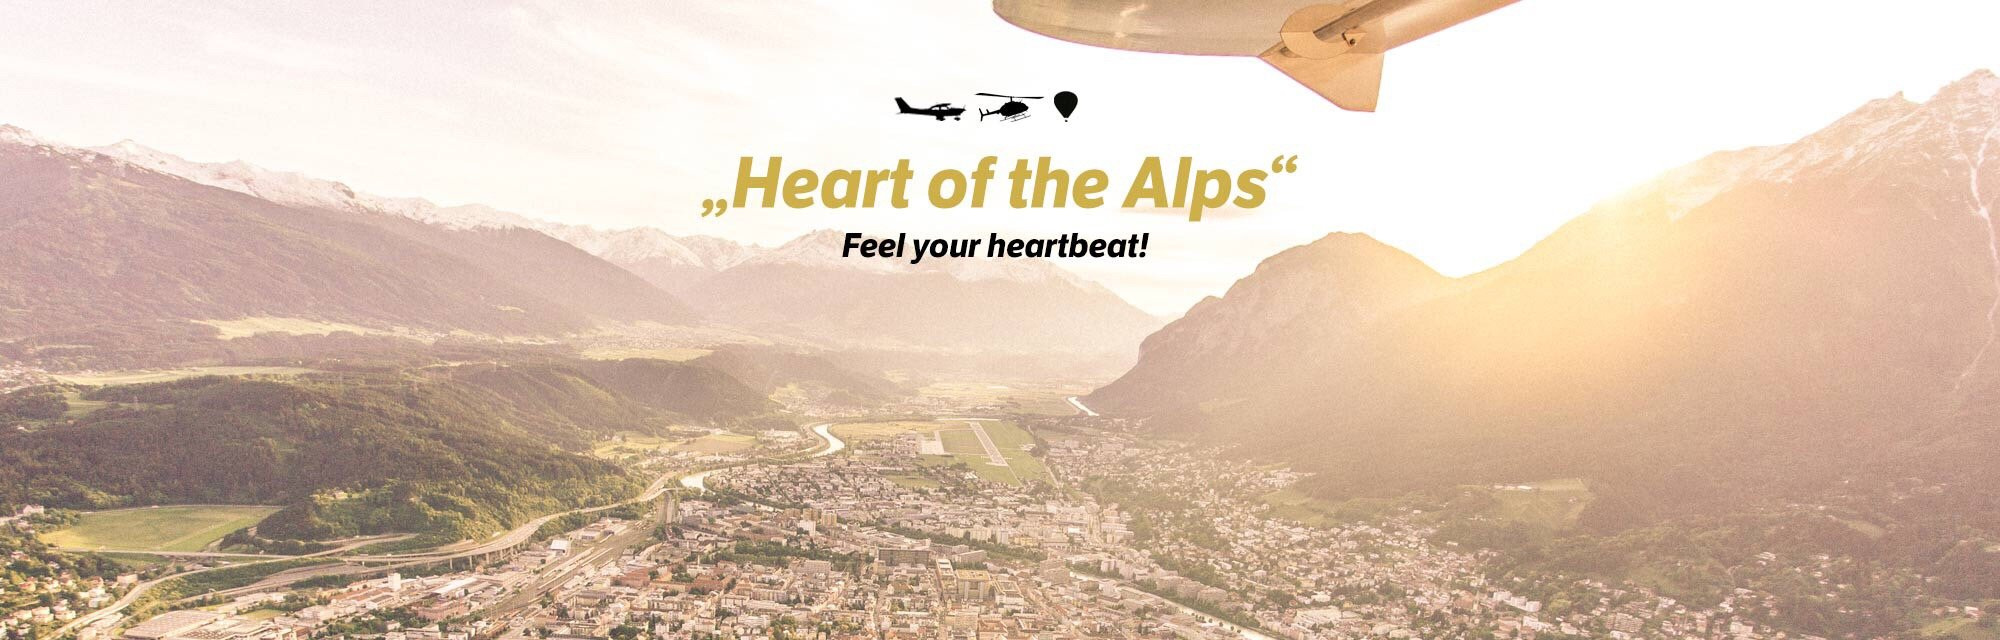 Alpenrundflug-Erlebnis FBT